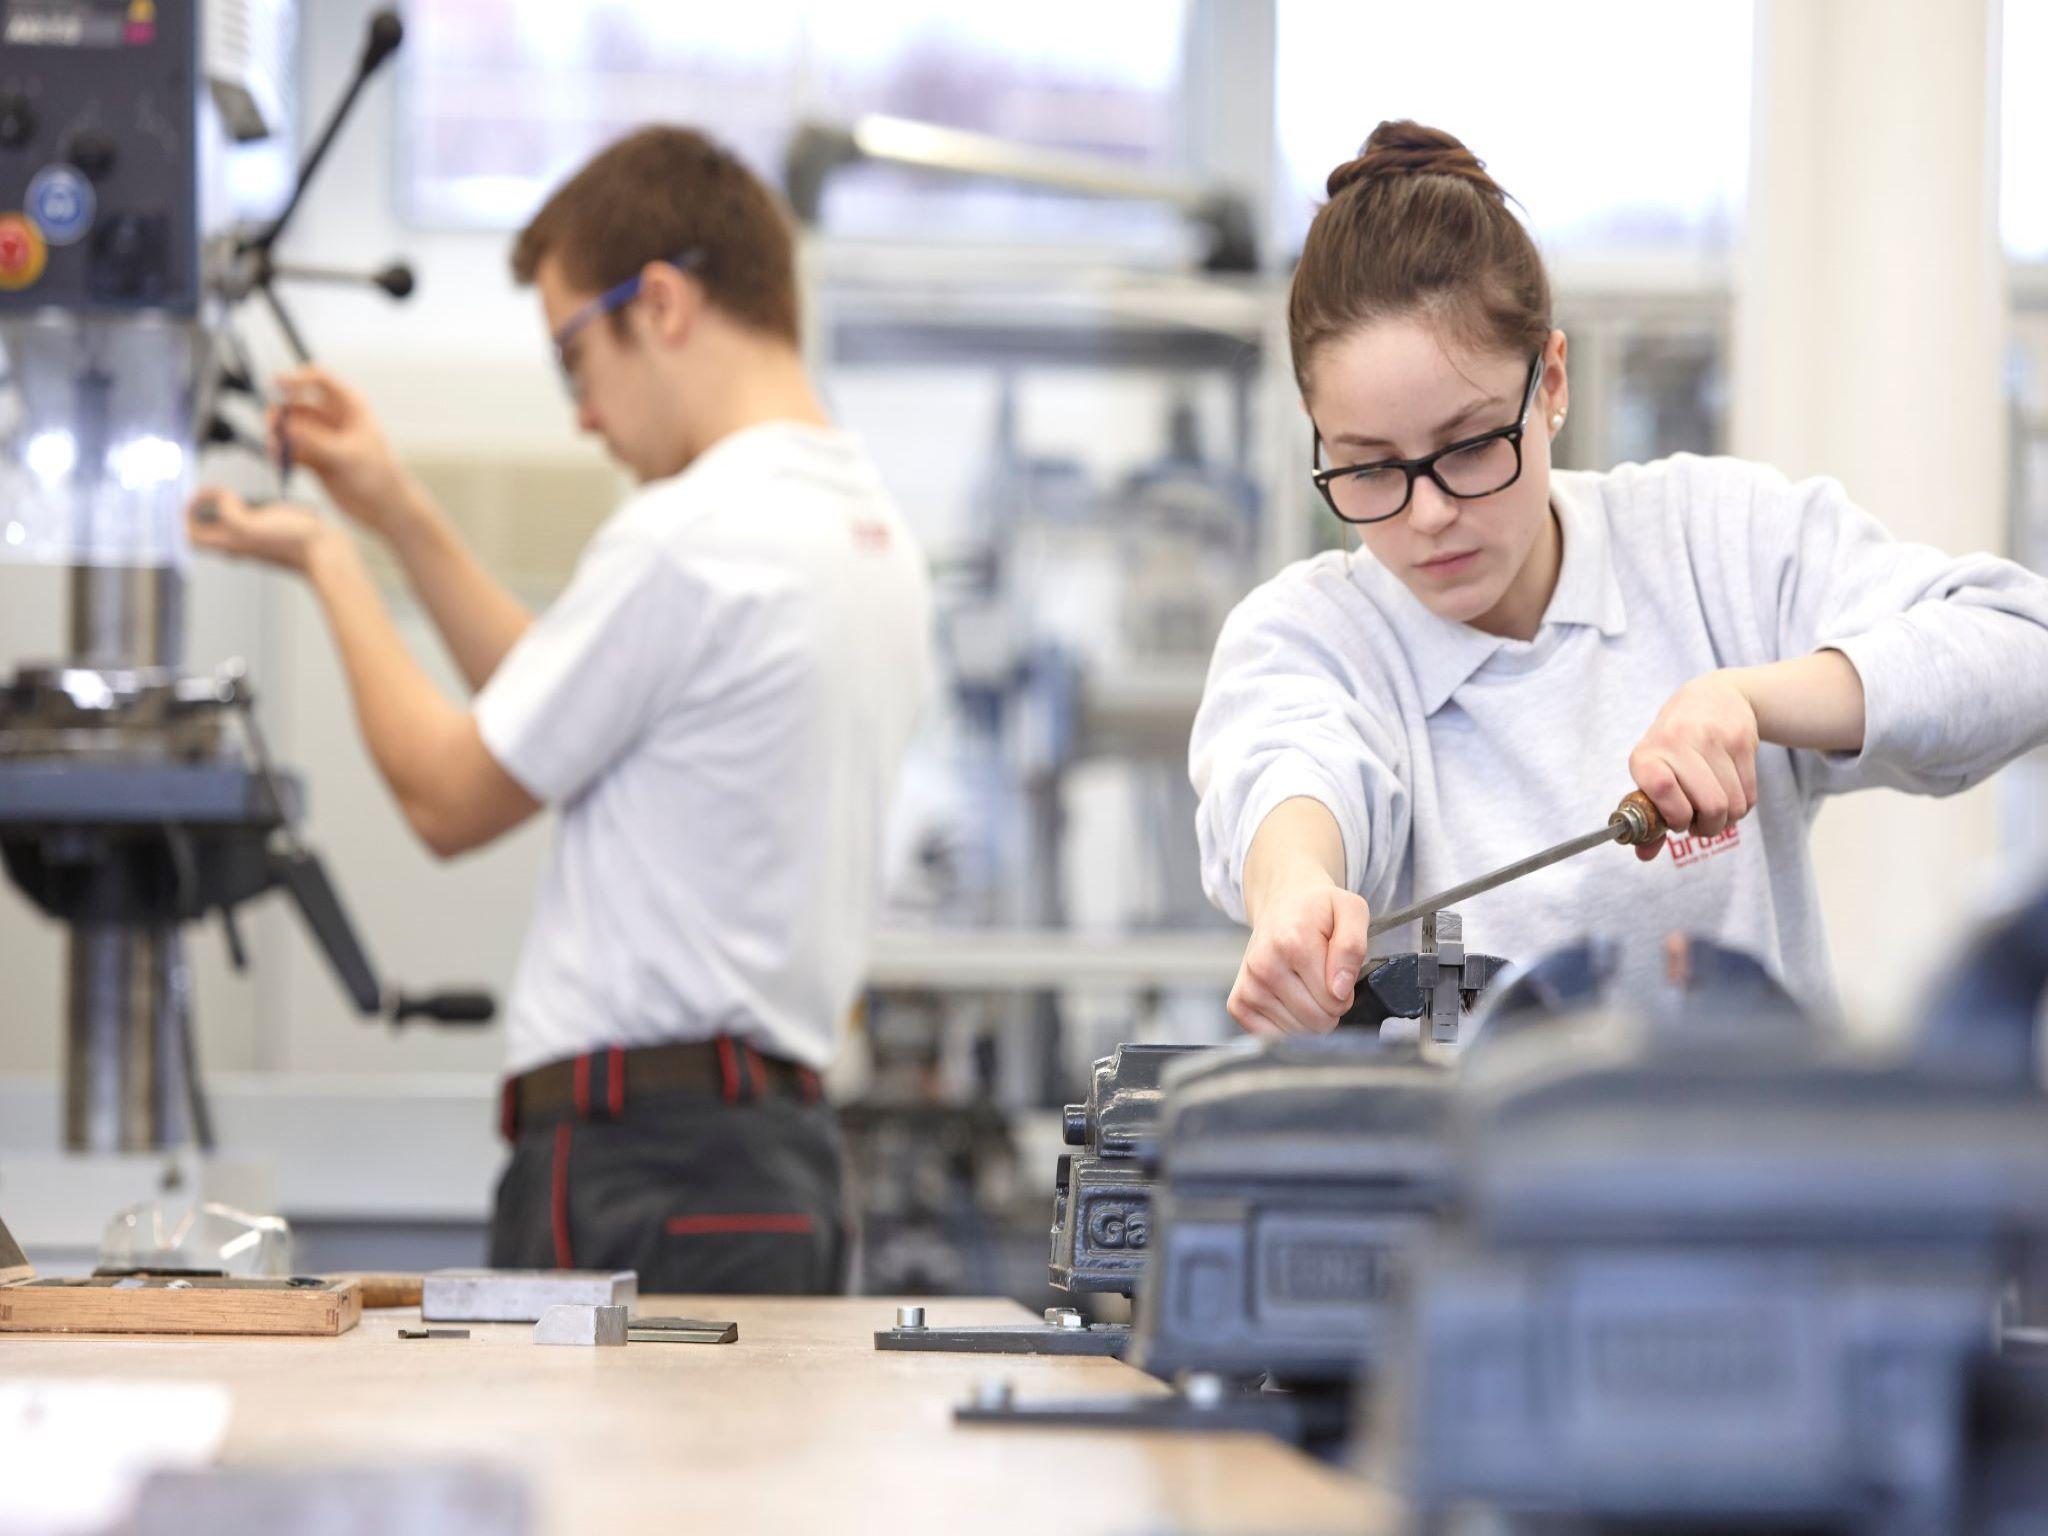 Ob Ausbildung oder Studium: Karriere bei Brose ist garantiert. Foto: Brose Fahrzeugteile